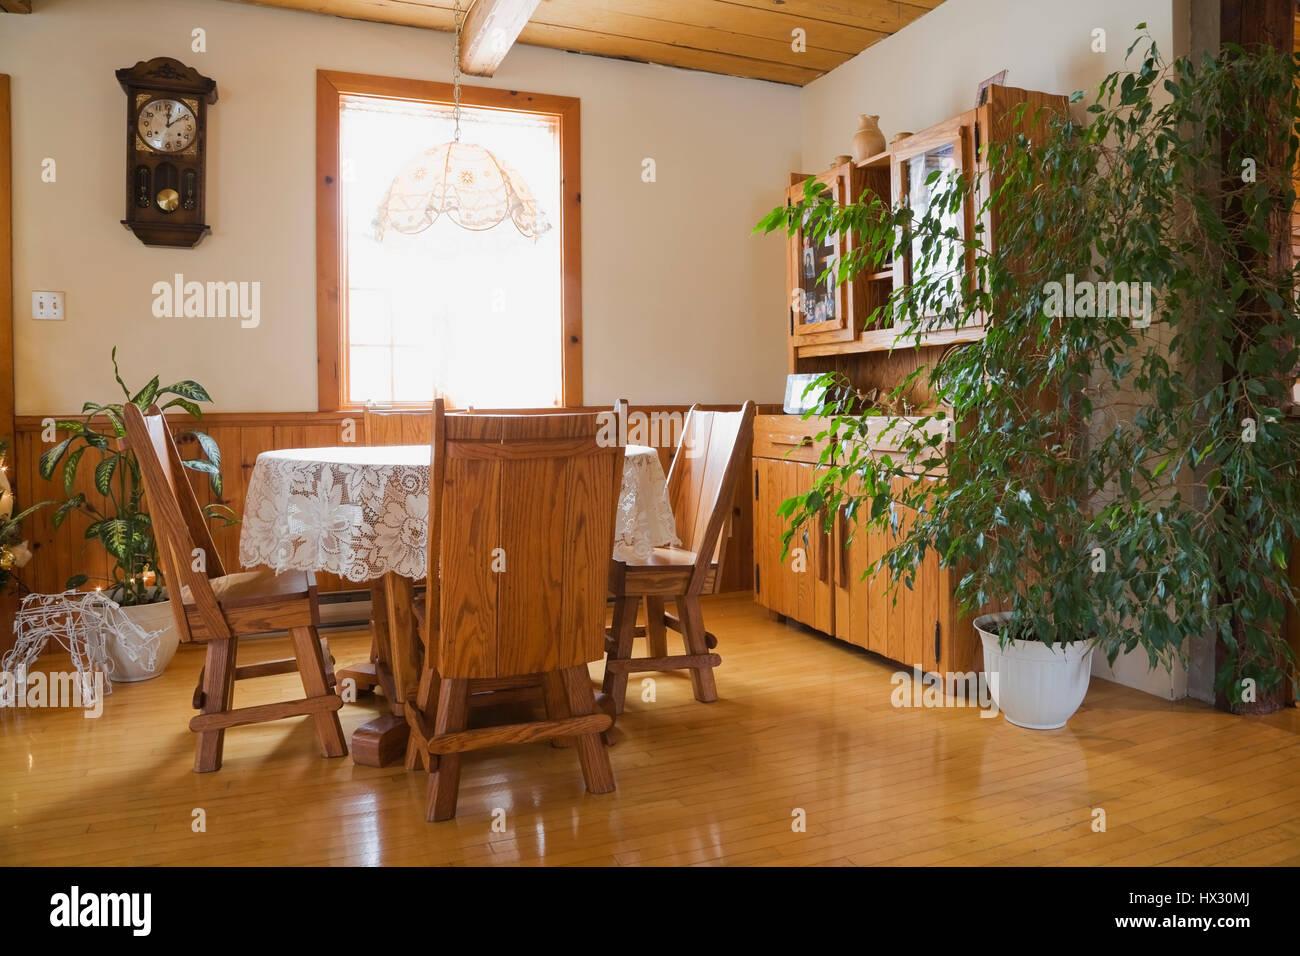 Esszimmer Mit Gehauenen Tisch Und Stühlen Sowie Ein Buffet In Einem 1982  Rekonstruierte Home Interior Anmelden